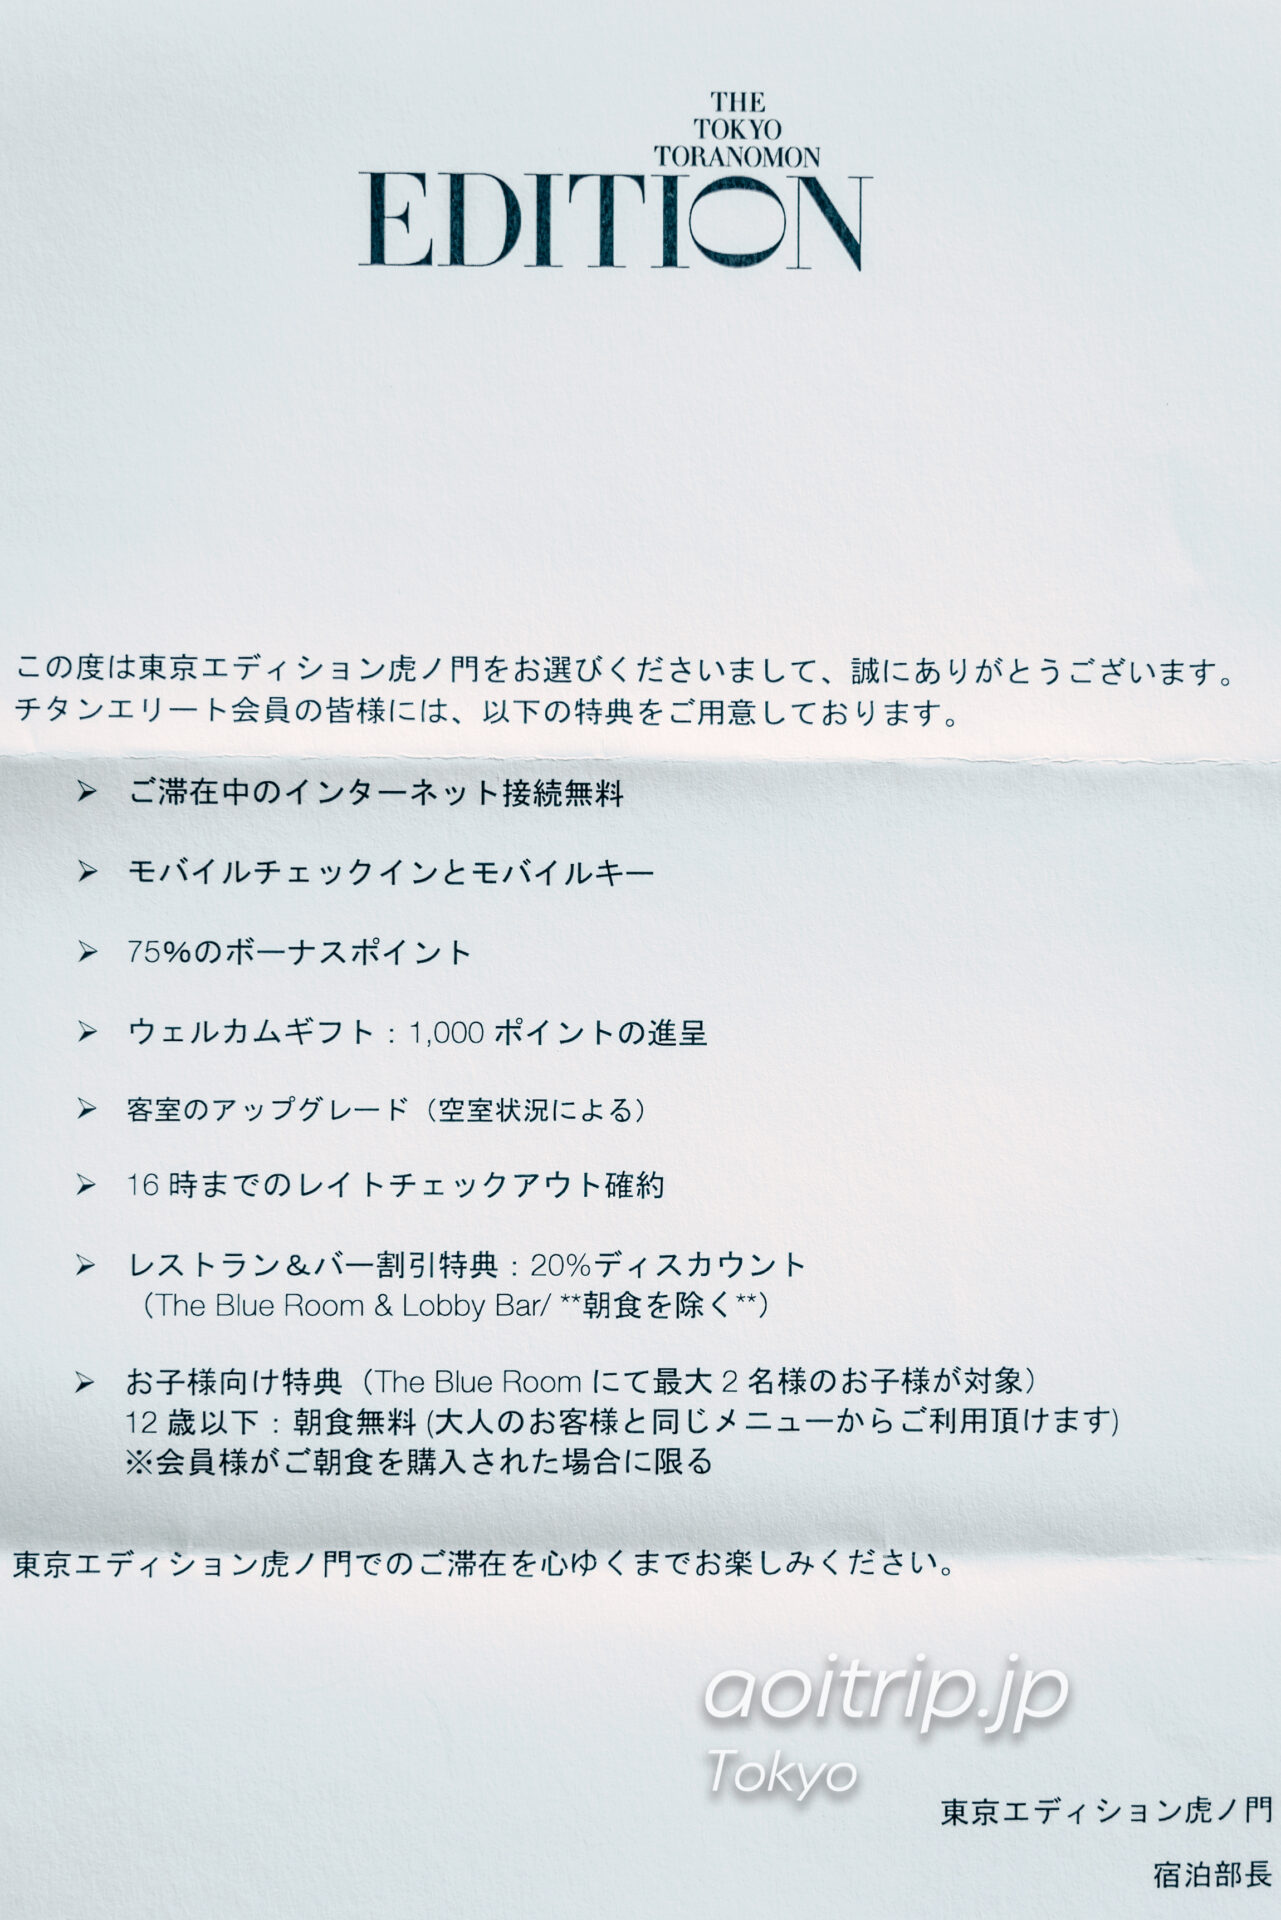 東京エディション虎ノ門 チタンエリート特典